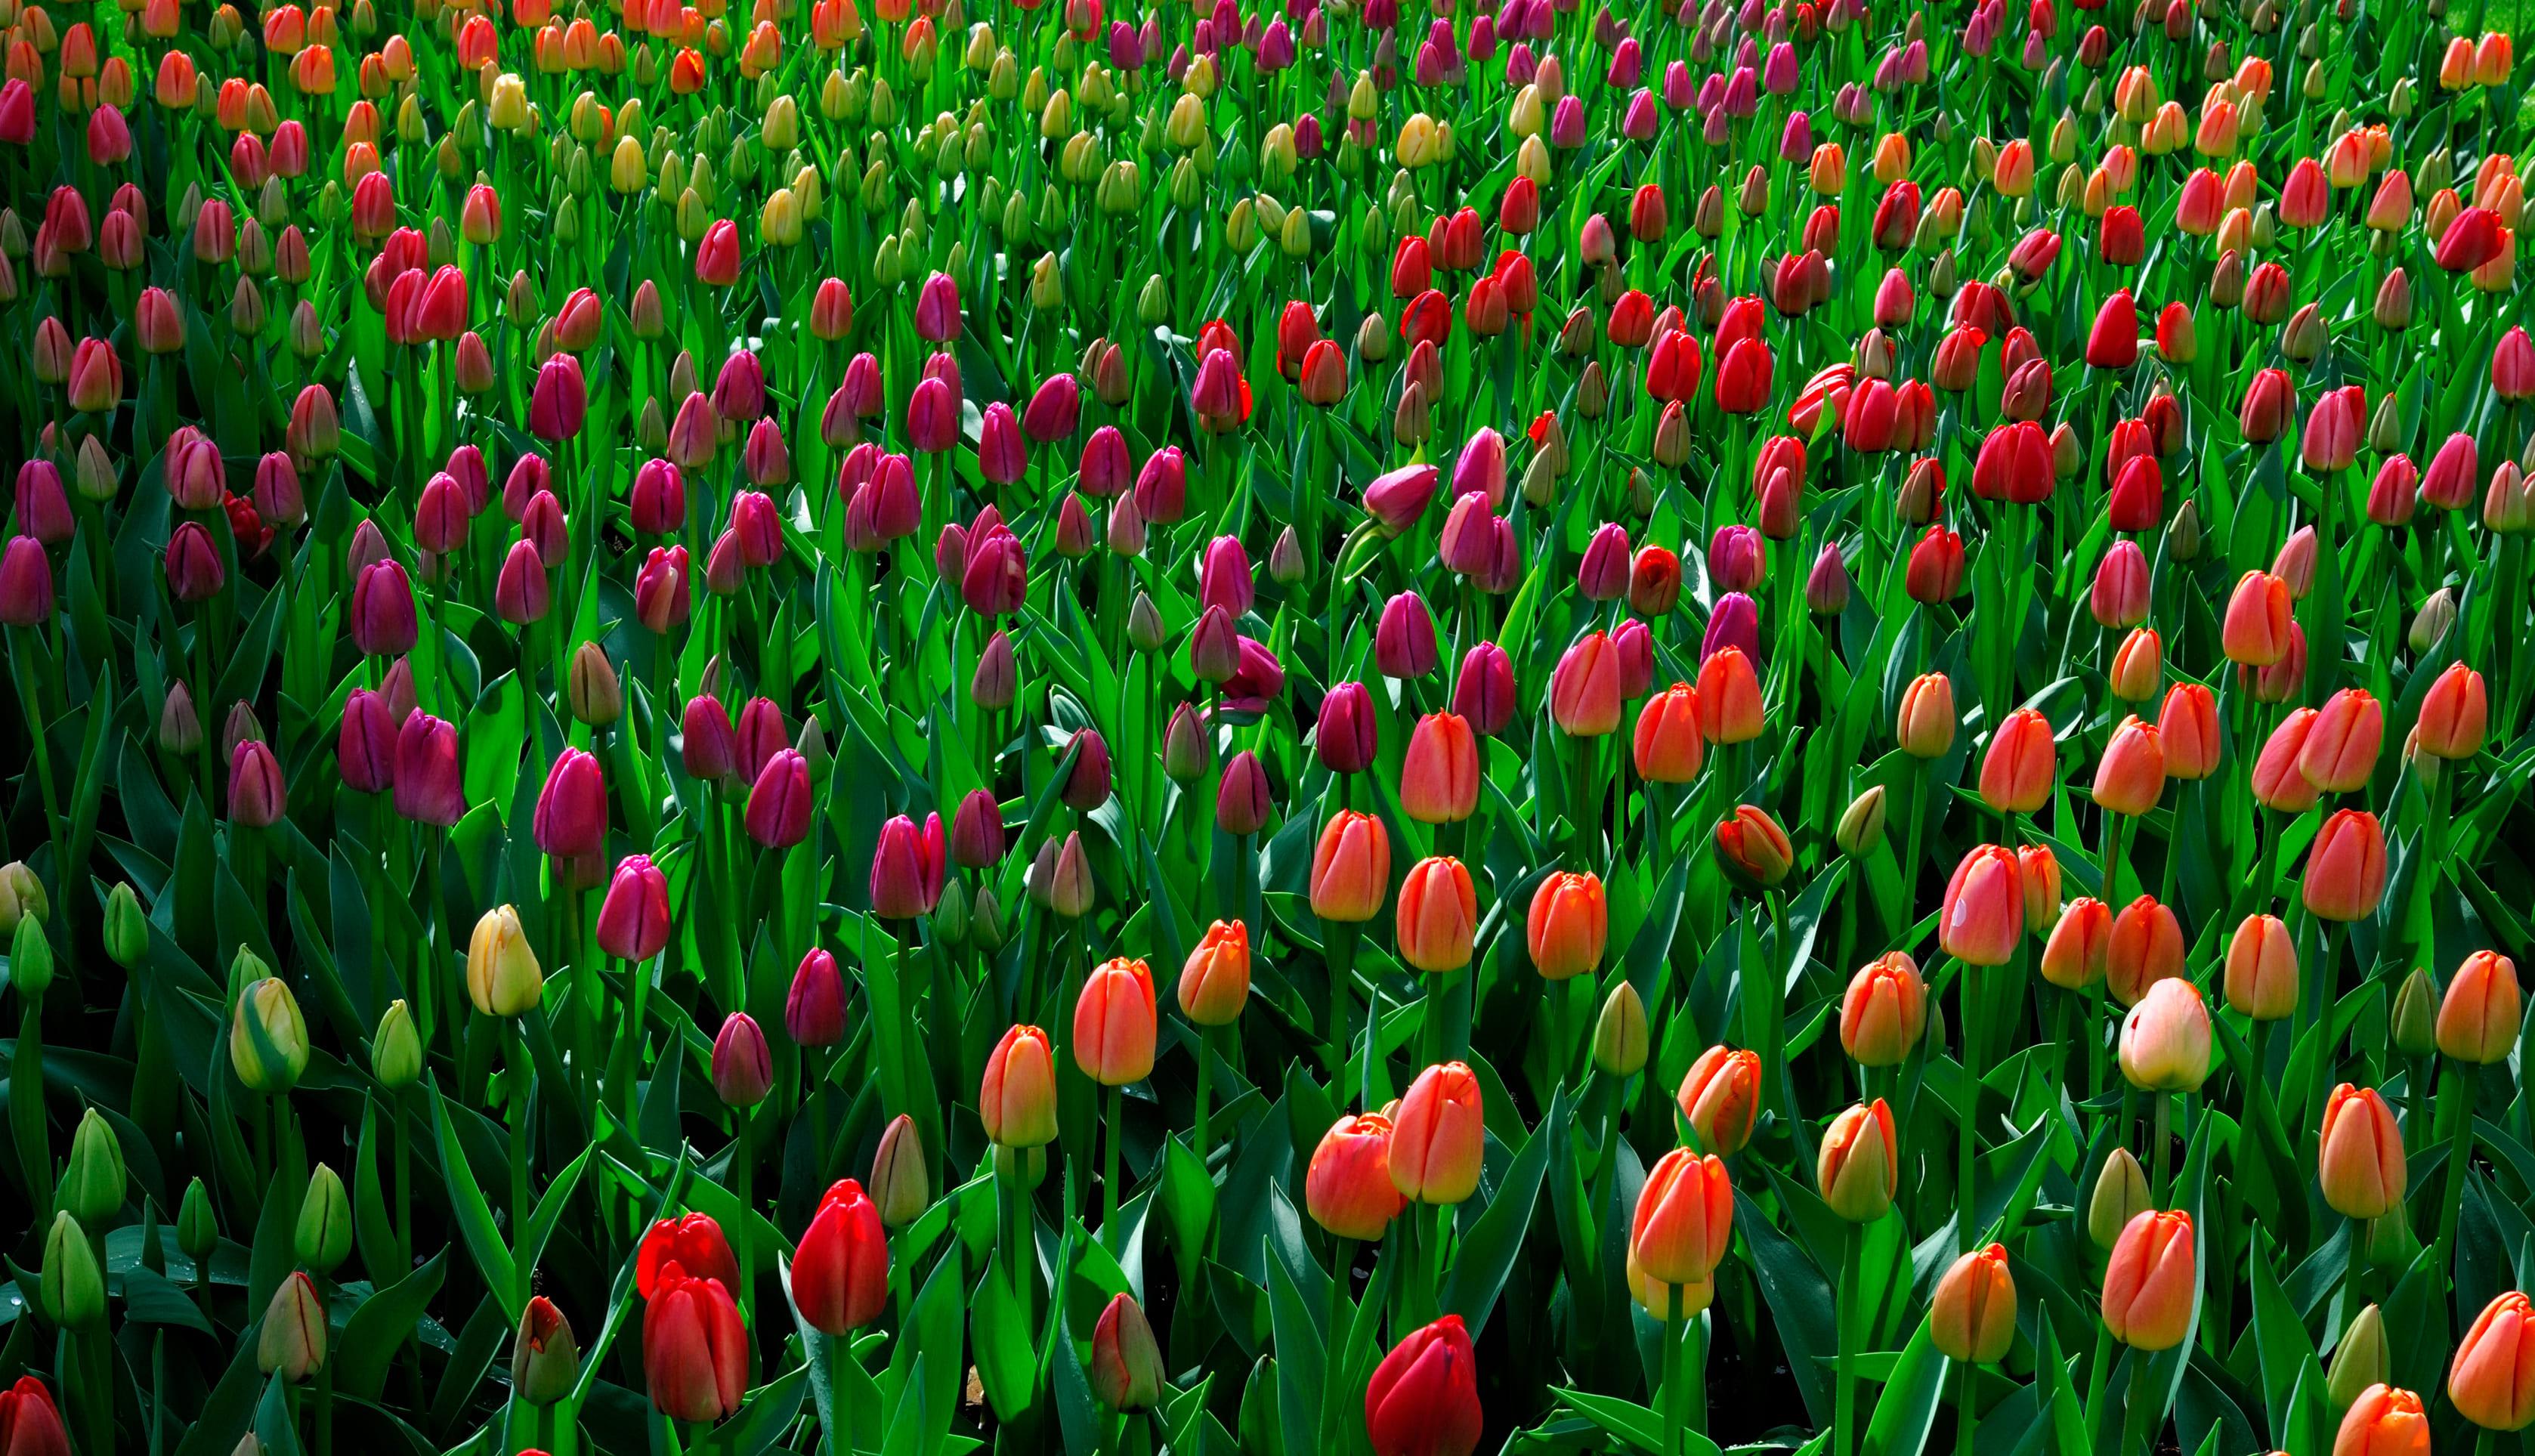 tulip-photo-35